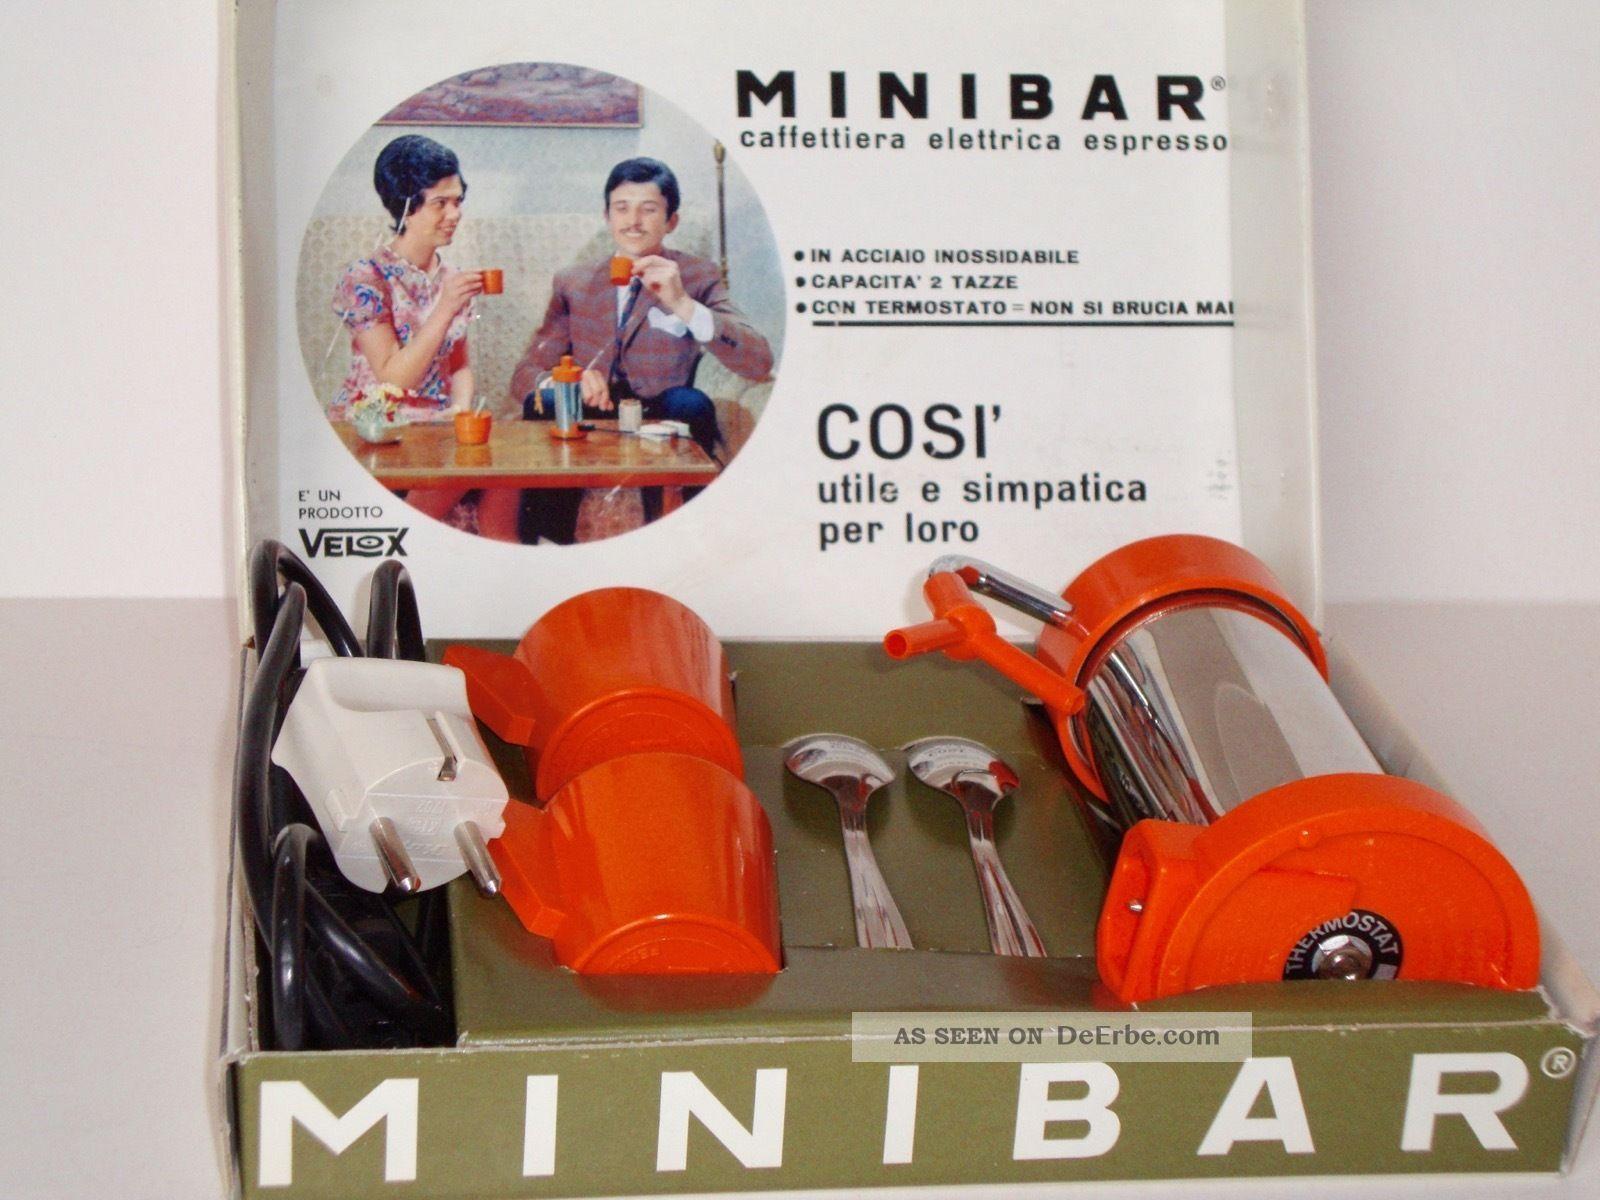 Espresso - Velox Minnibar - Elektro Kaffeemaschine - 70er Jahre Haushalt Bild